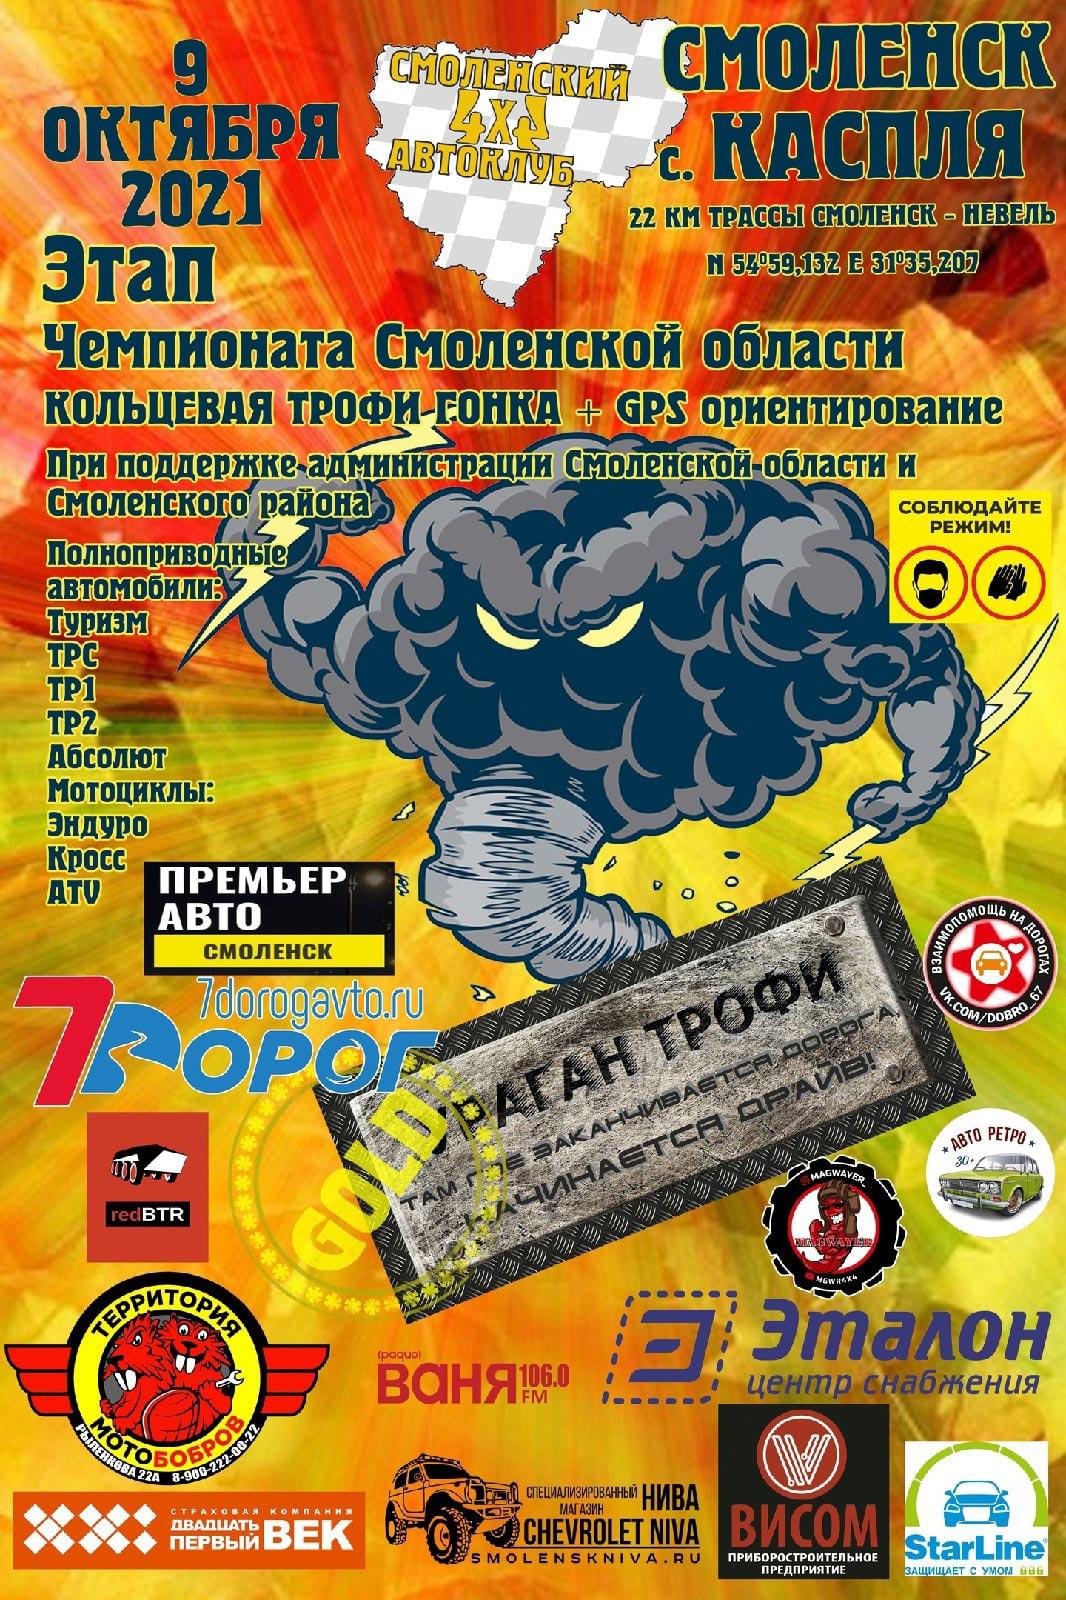 Этап чемпионата Смоленской области Ураган-Трофи